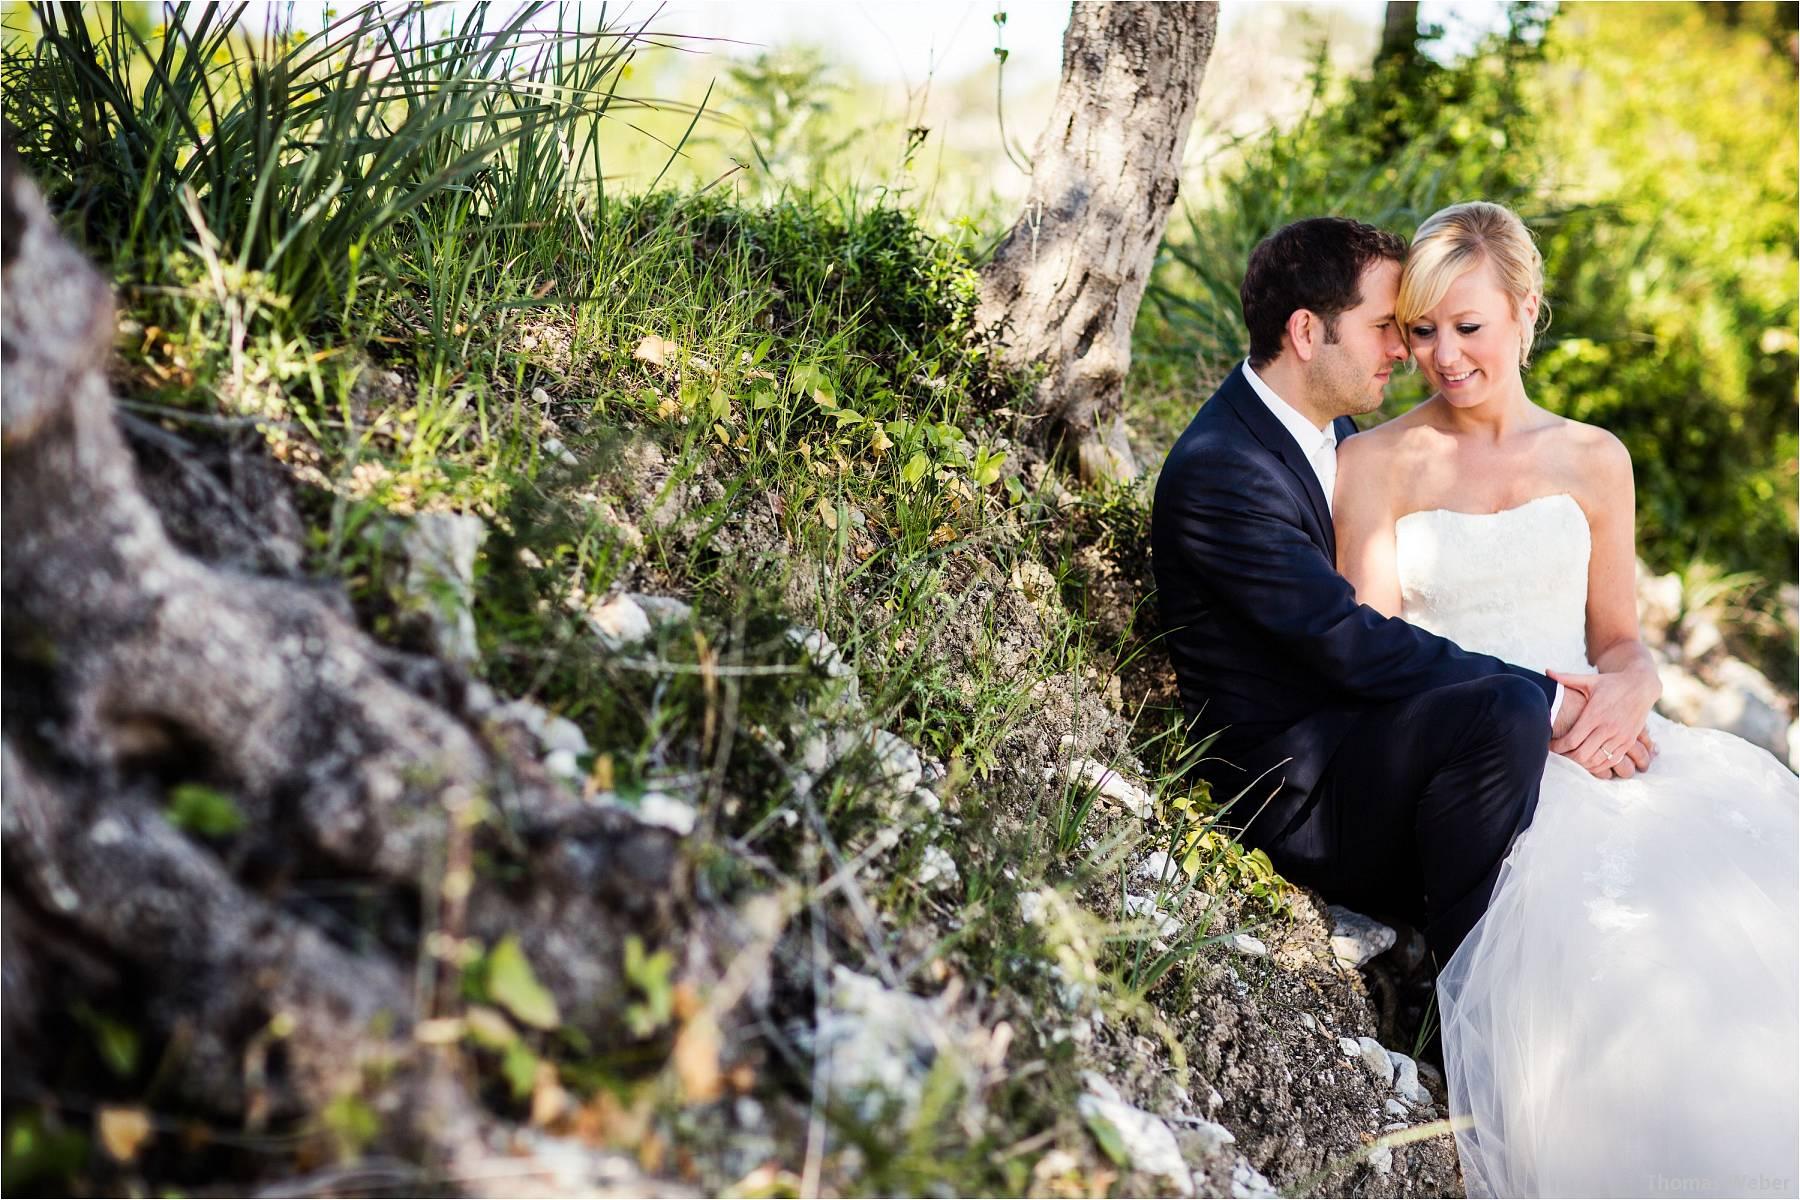 Hochzeitsfotograf Mallorca: Hochzeitsportraits beim After Wedding Shooting auf Mallorca (5)